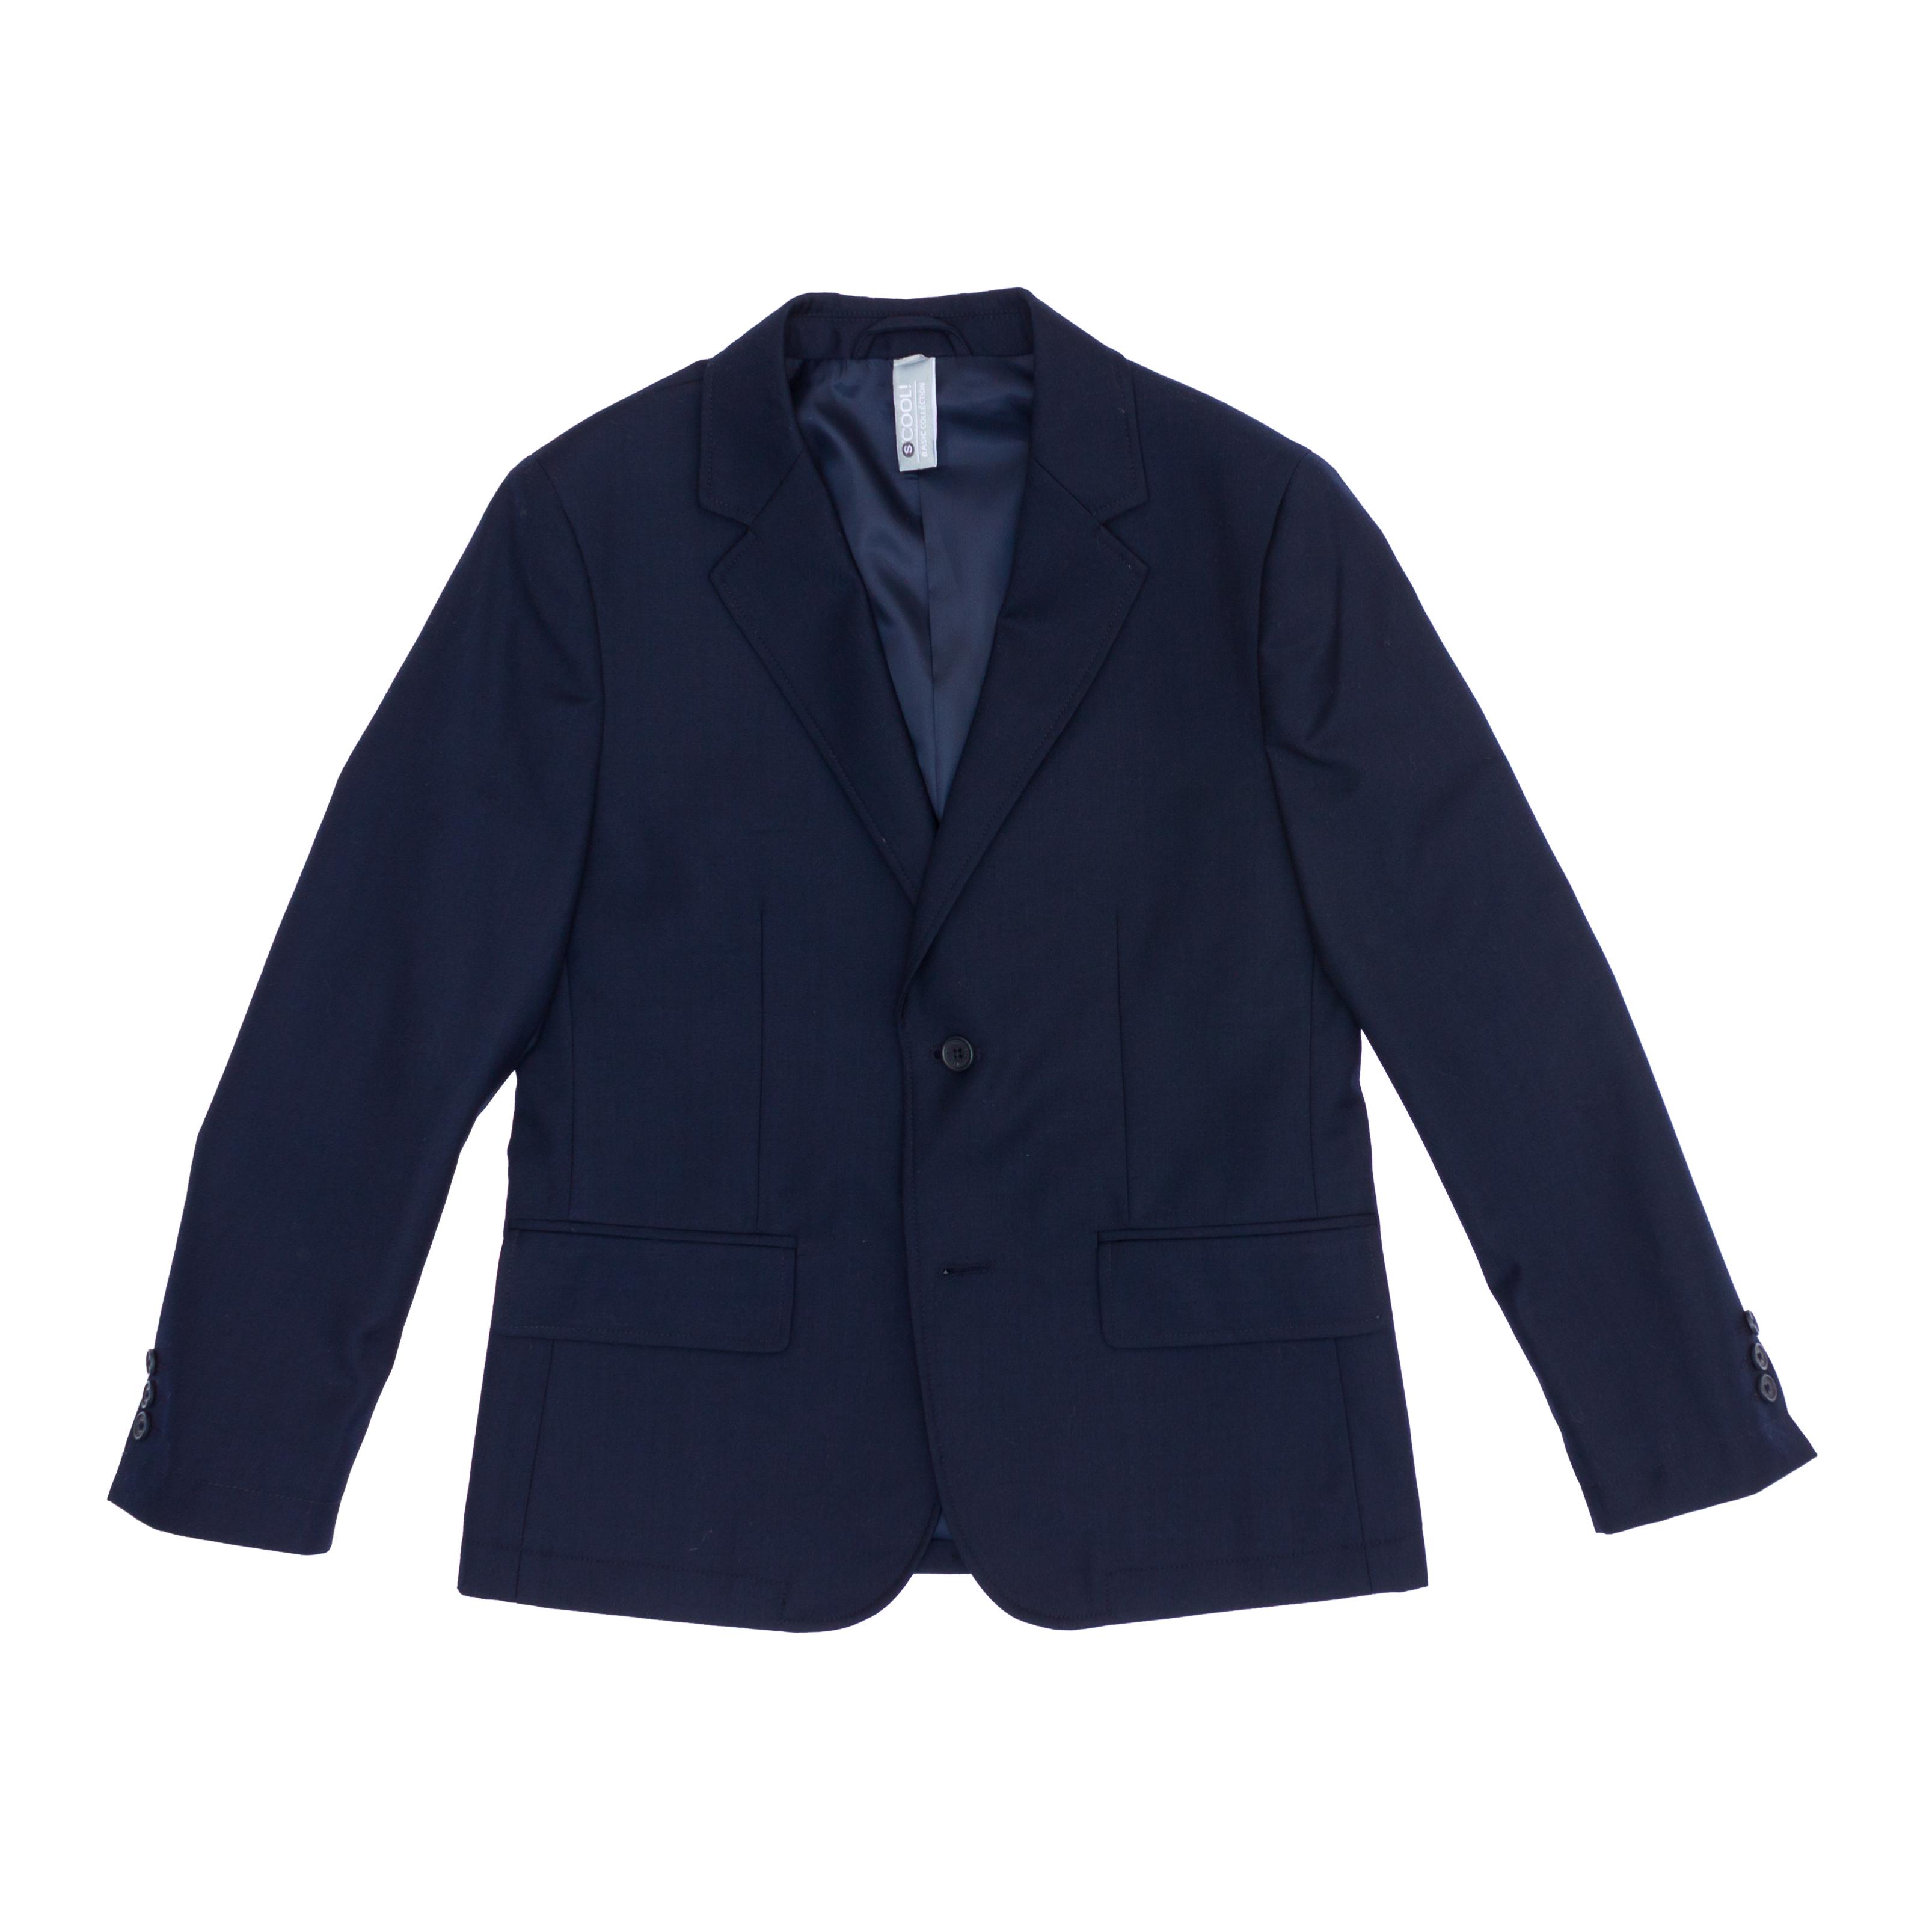 Пиджак  темно-синий 363019